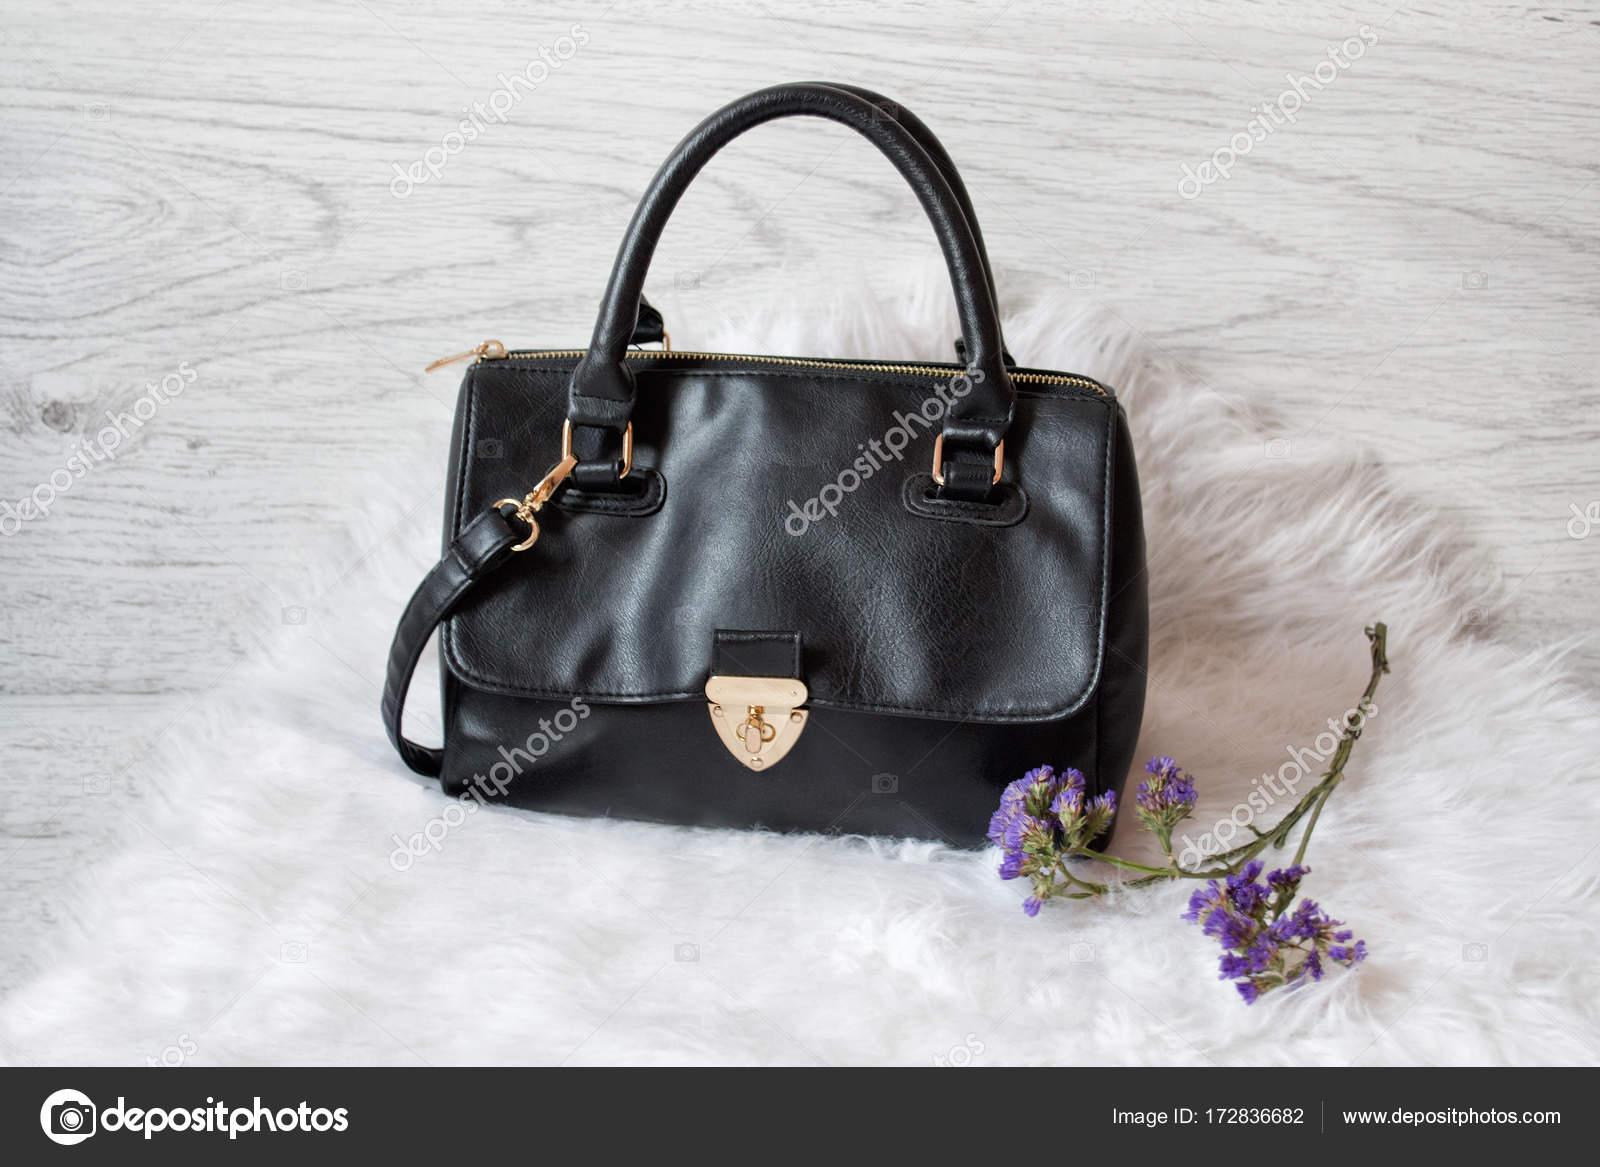 outlet store ec062 1a5ca Borsa donna nera su pelliccia bianca. Concetto alla moda ...